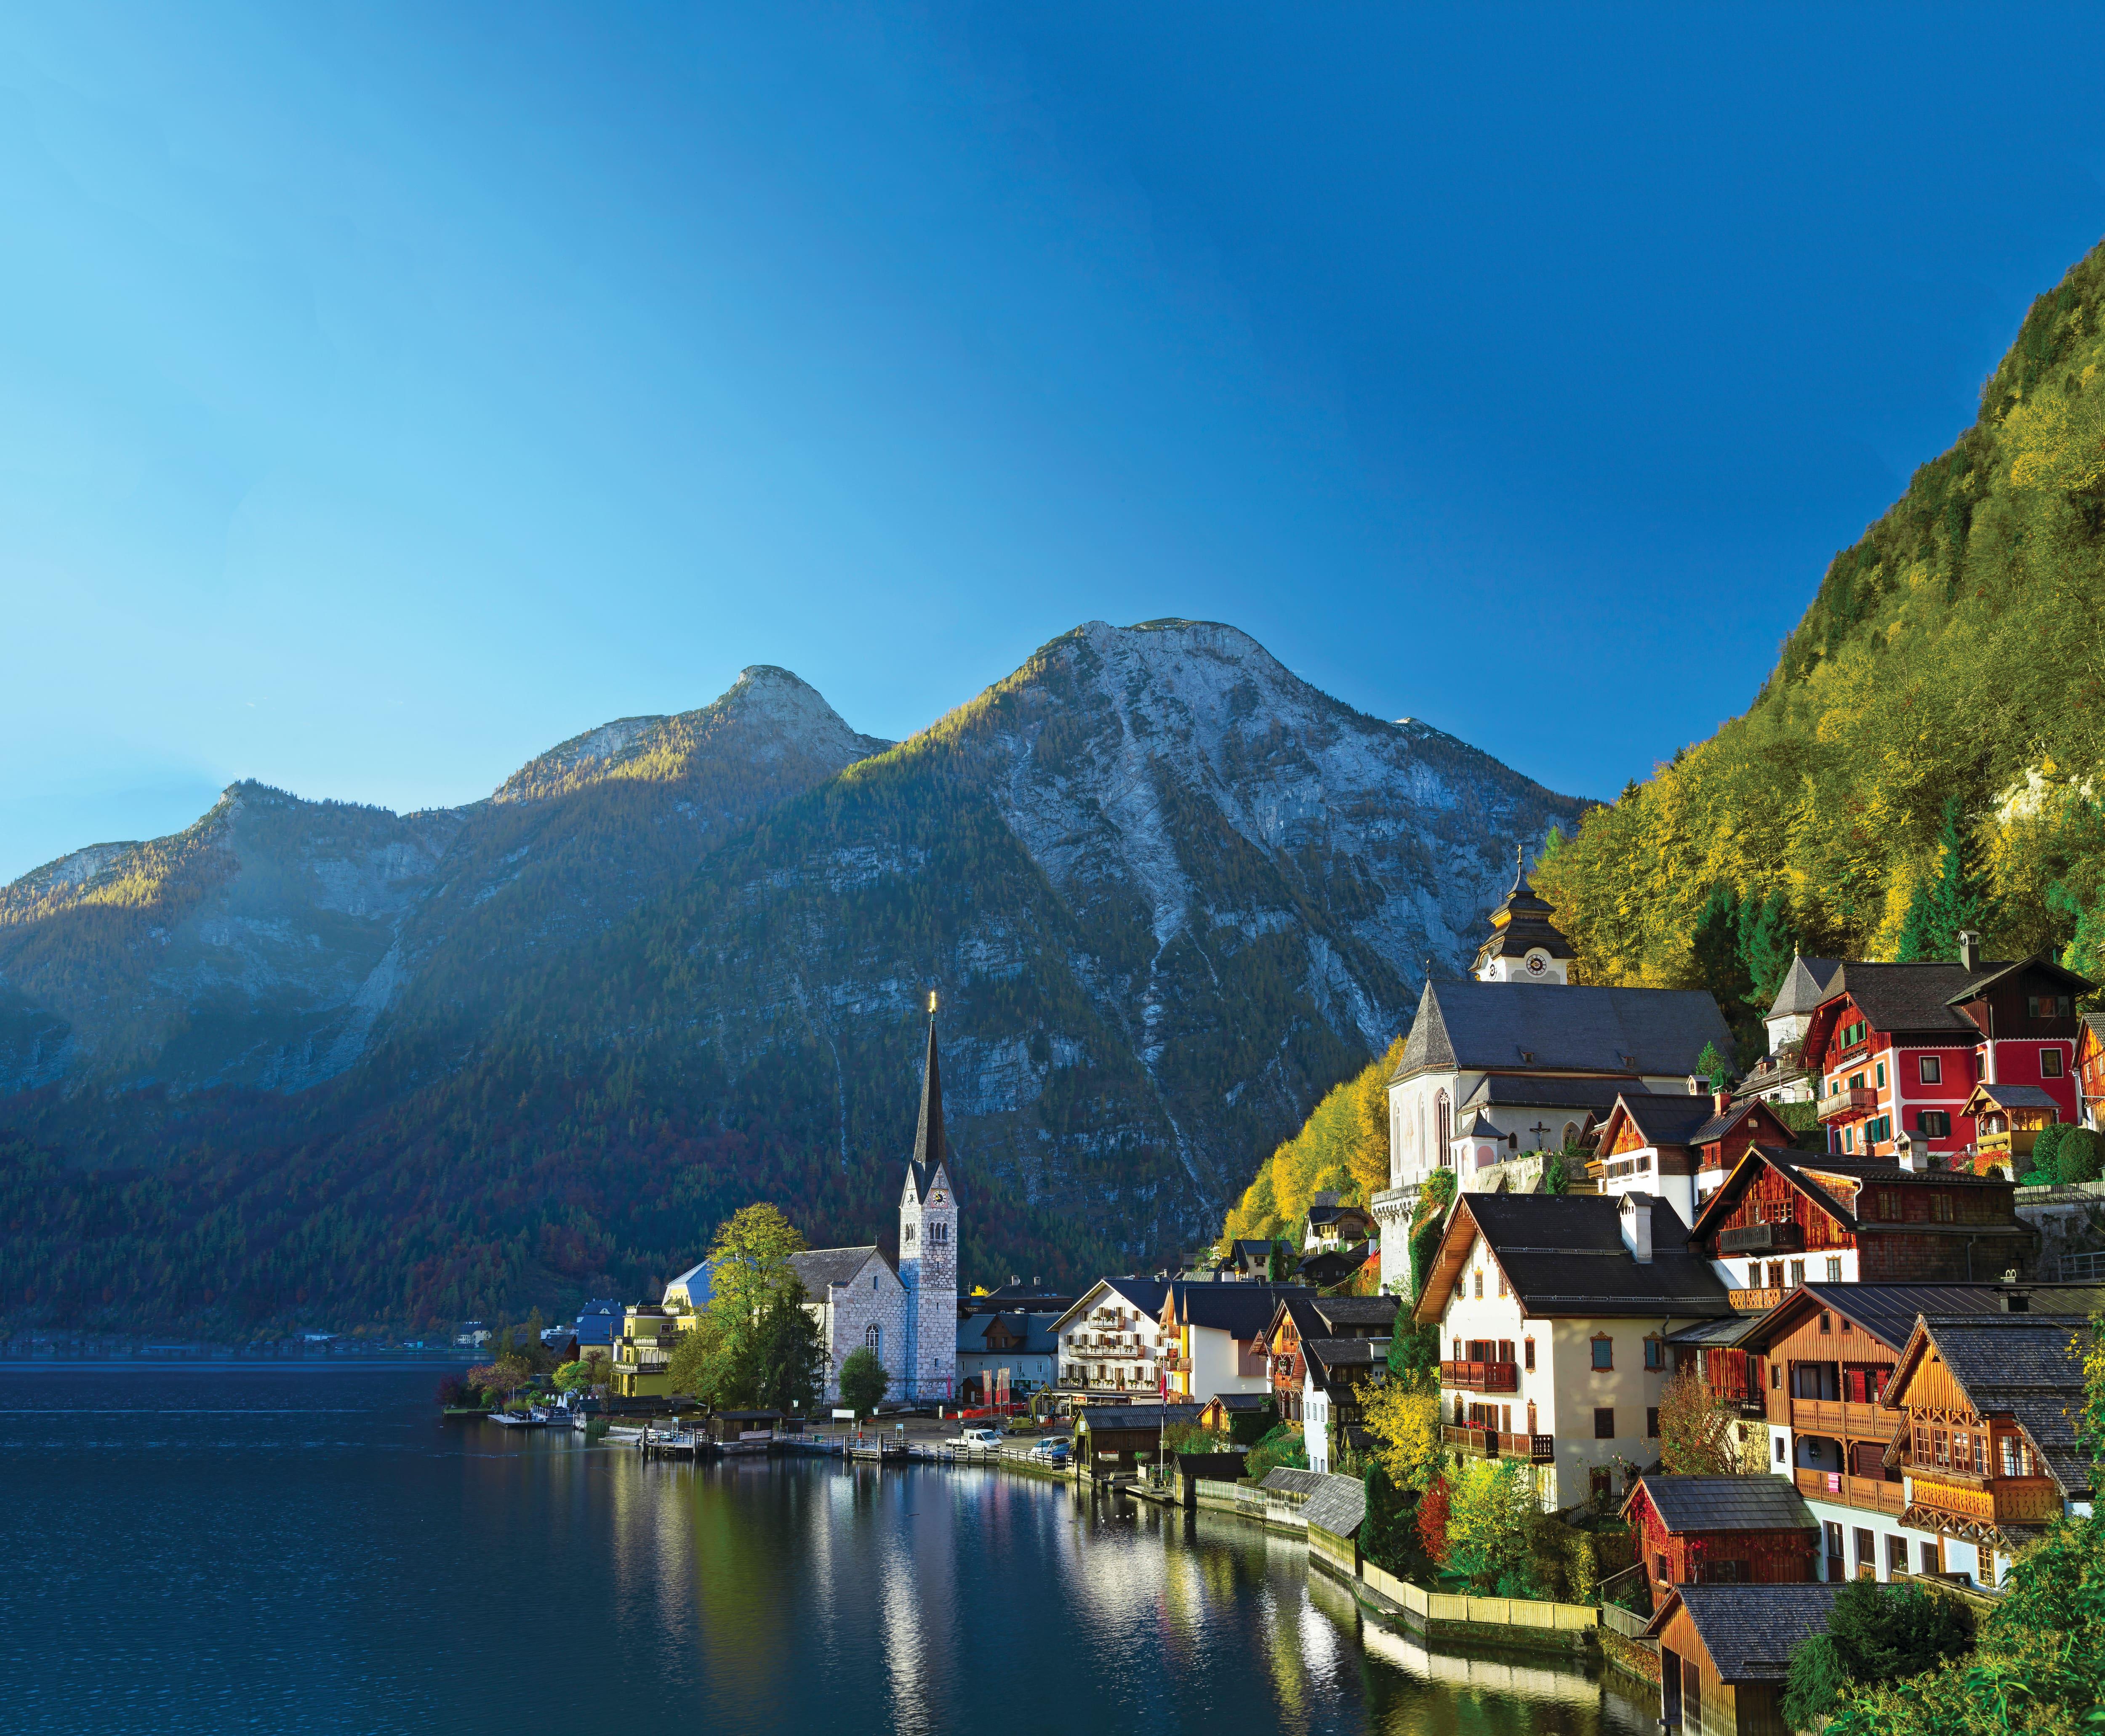 Hallstatt village in Austria